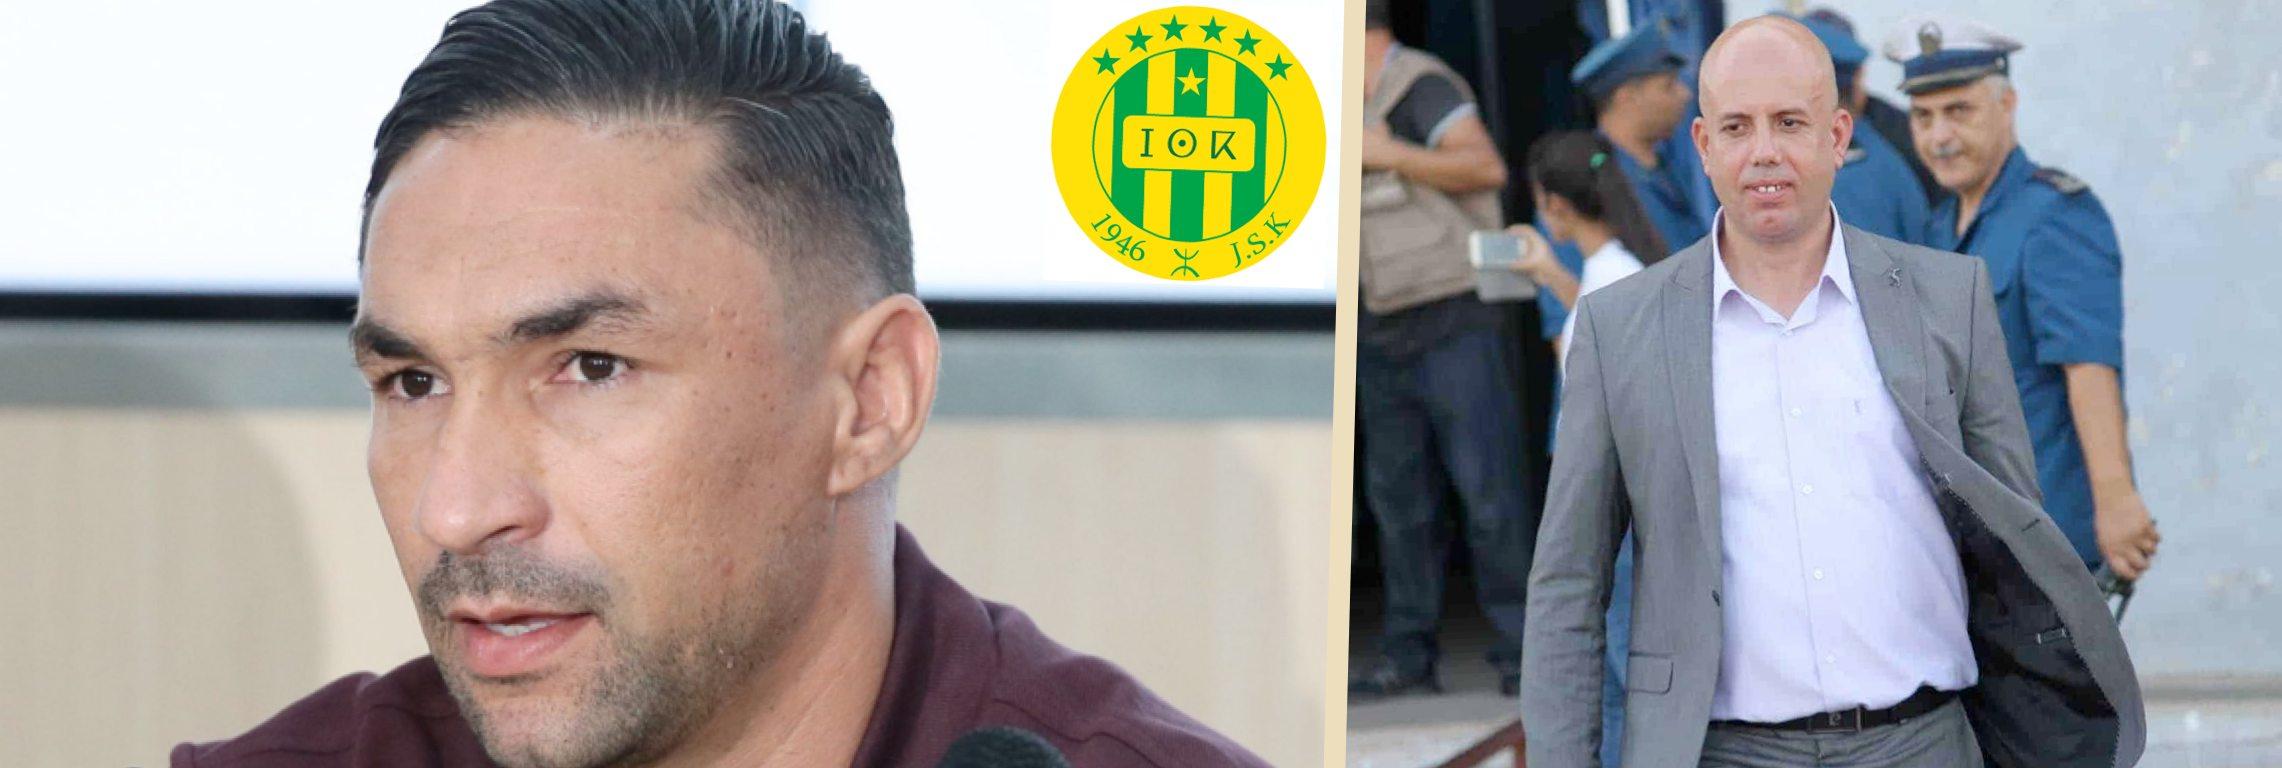 JSK : Le Tunisien Zelfani engagé, Mellal bientôt destitué ?